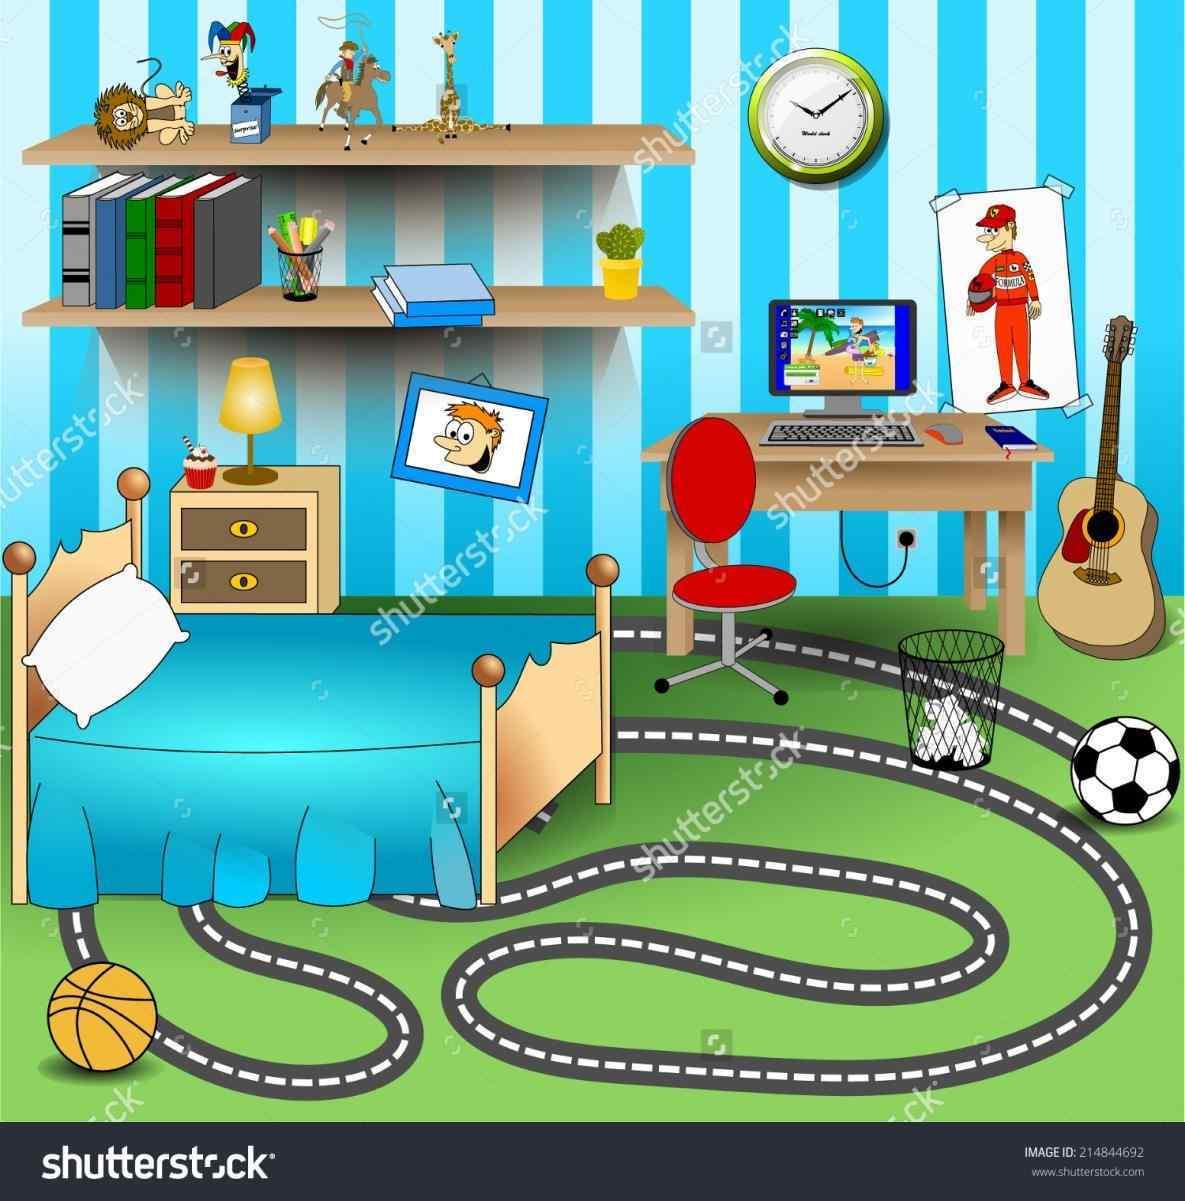 Kids mayamokacomm roomkidsbedroomclipartclipartkidsbedroompencil. Bedroom clipart childrens bedroom bedroom